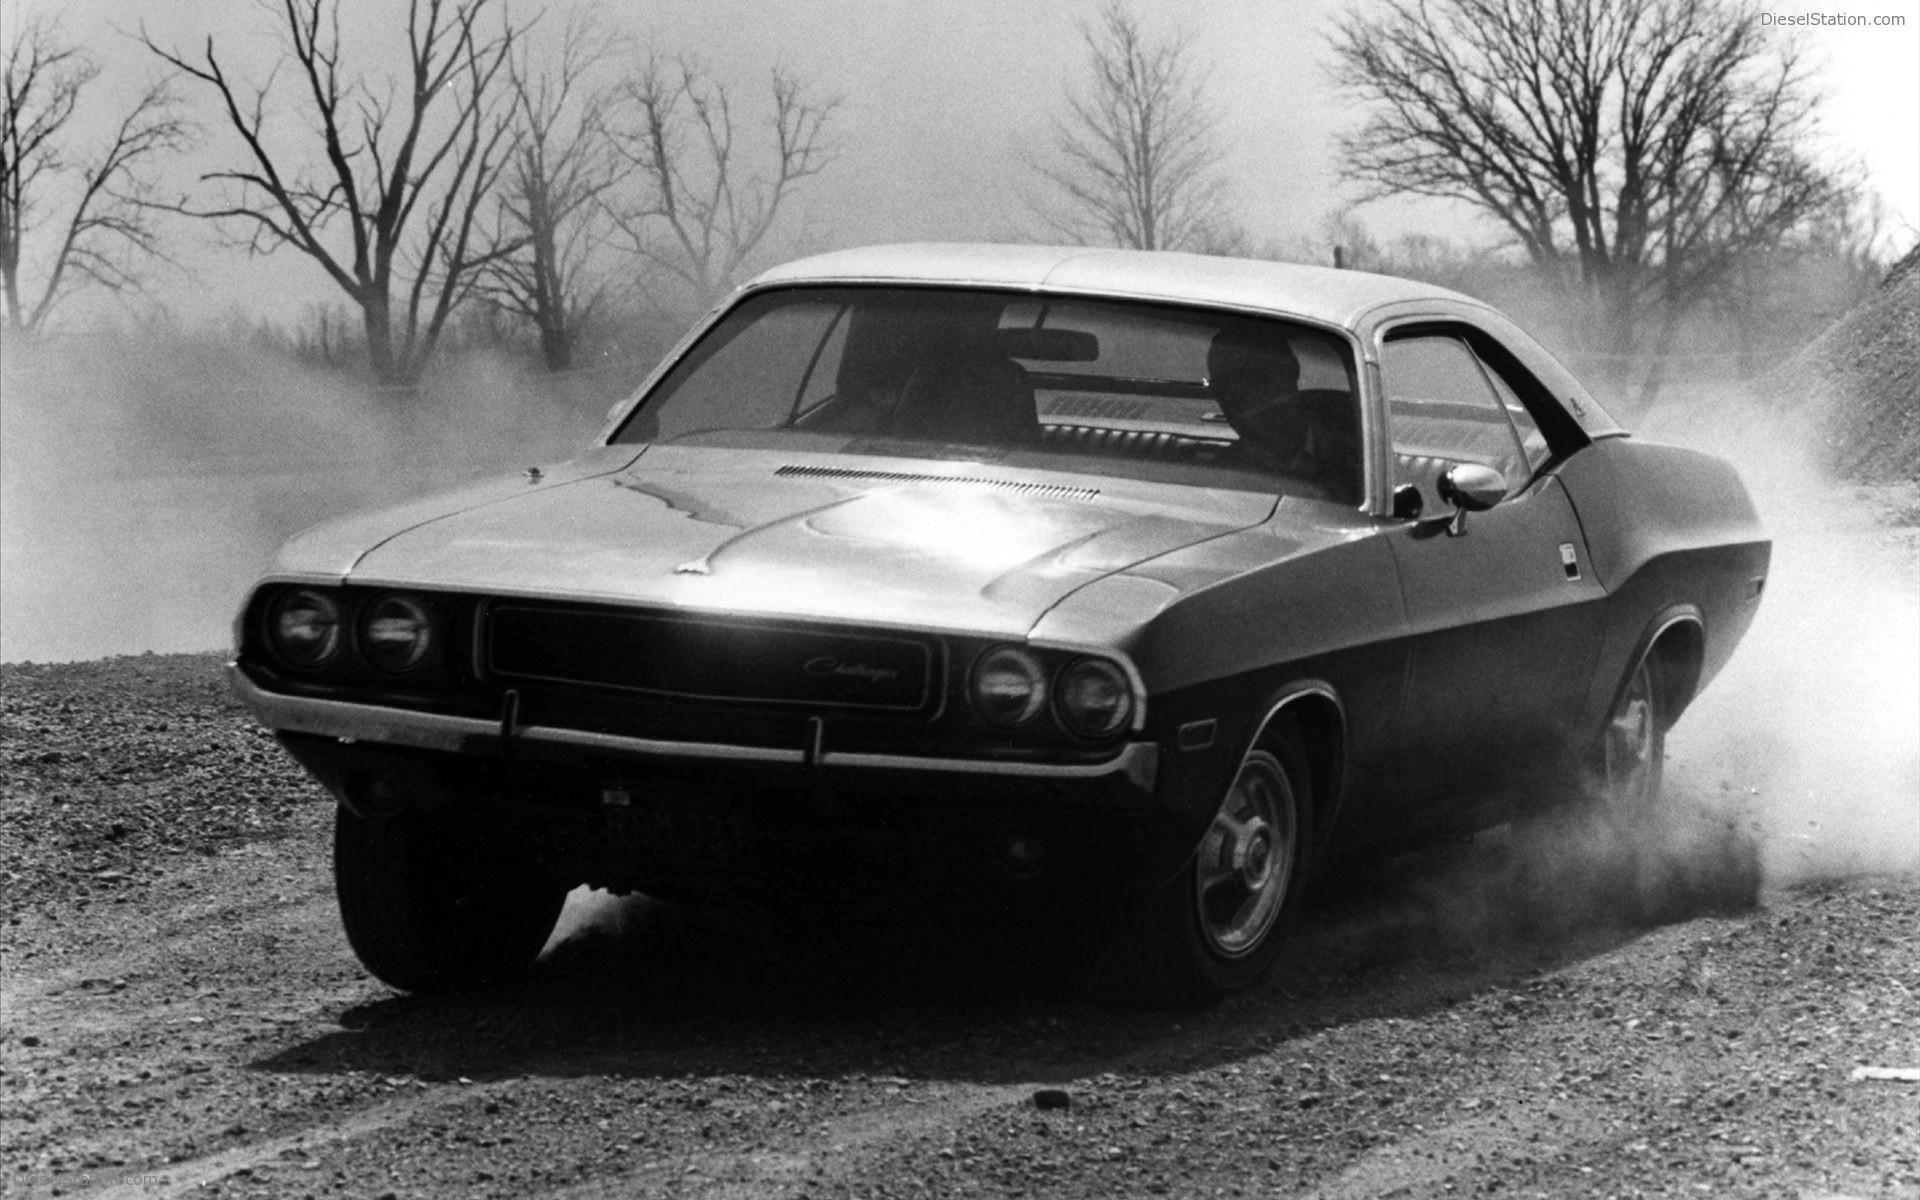 1970 dodge challenger full hd fond d'écran and arrière-plan